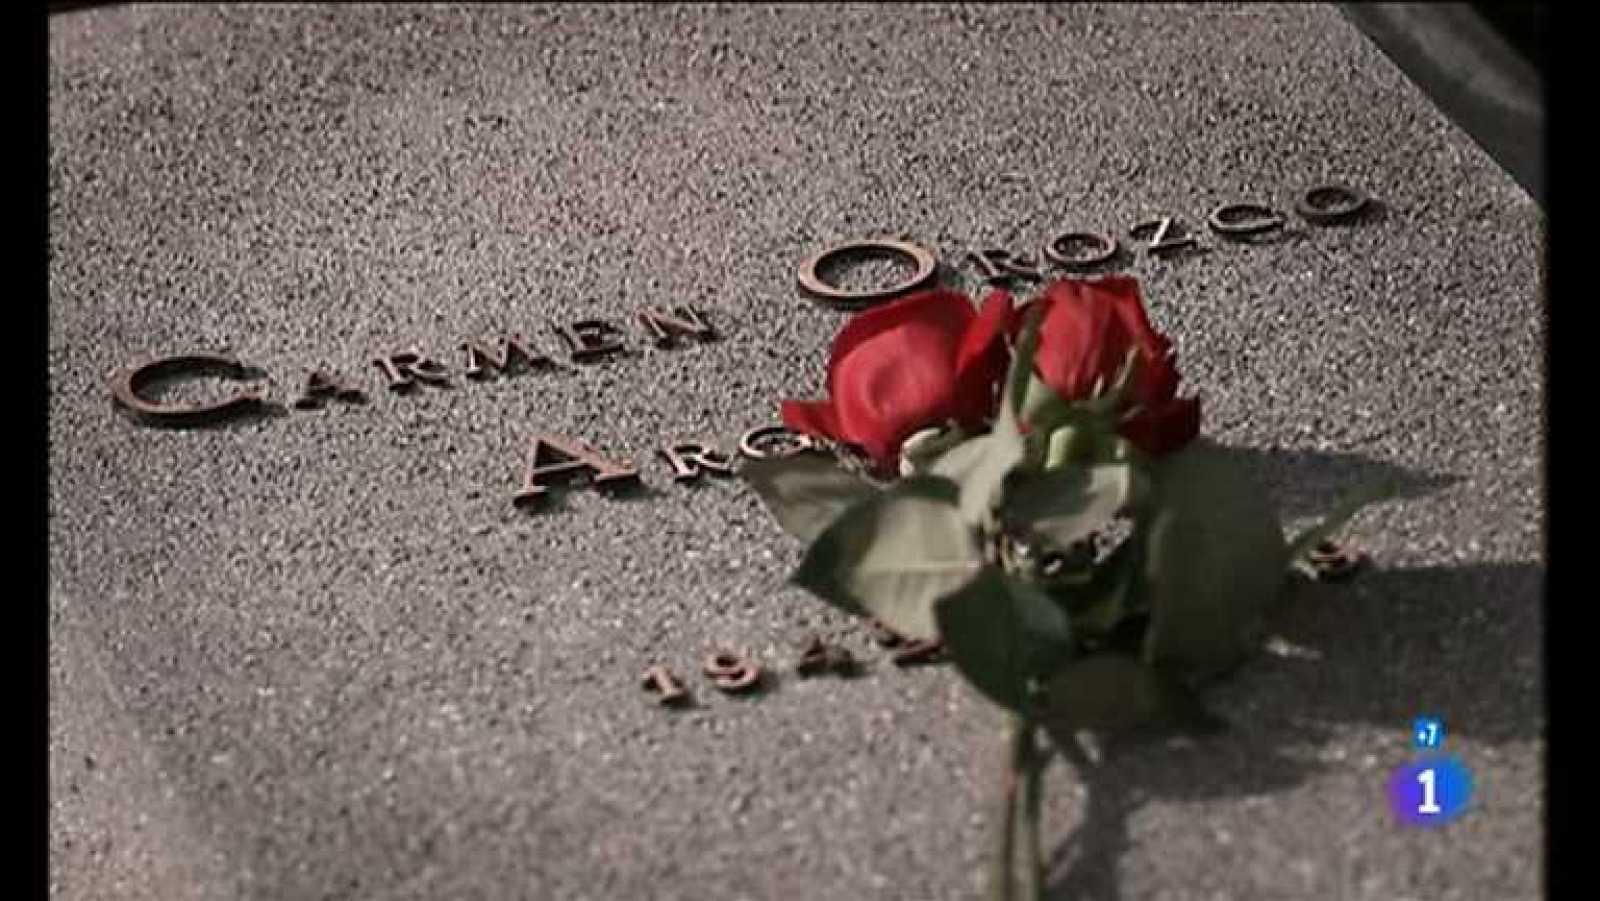 Herederos - Capítulo 34 - Carmen Orozco ha muerto. La policía recoge sus restos tras el incendio de su habitación - Ver ahora